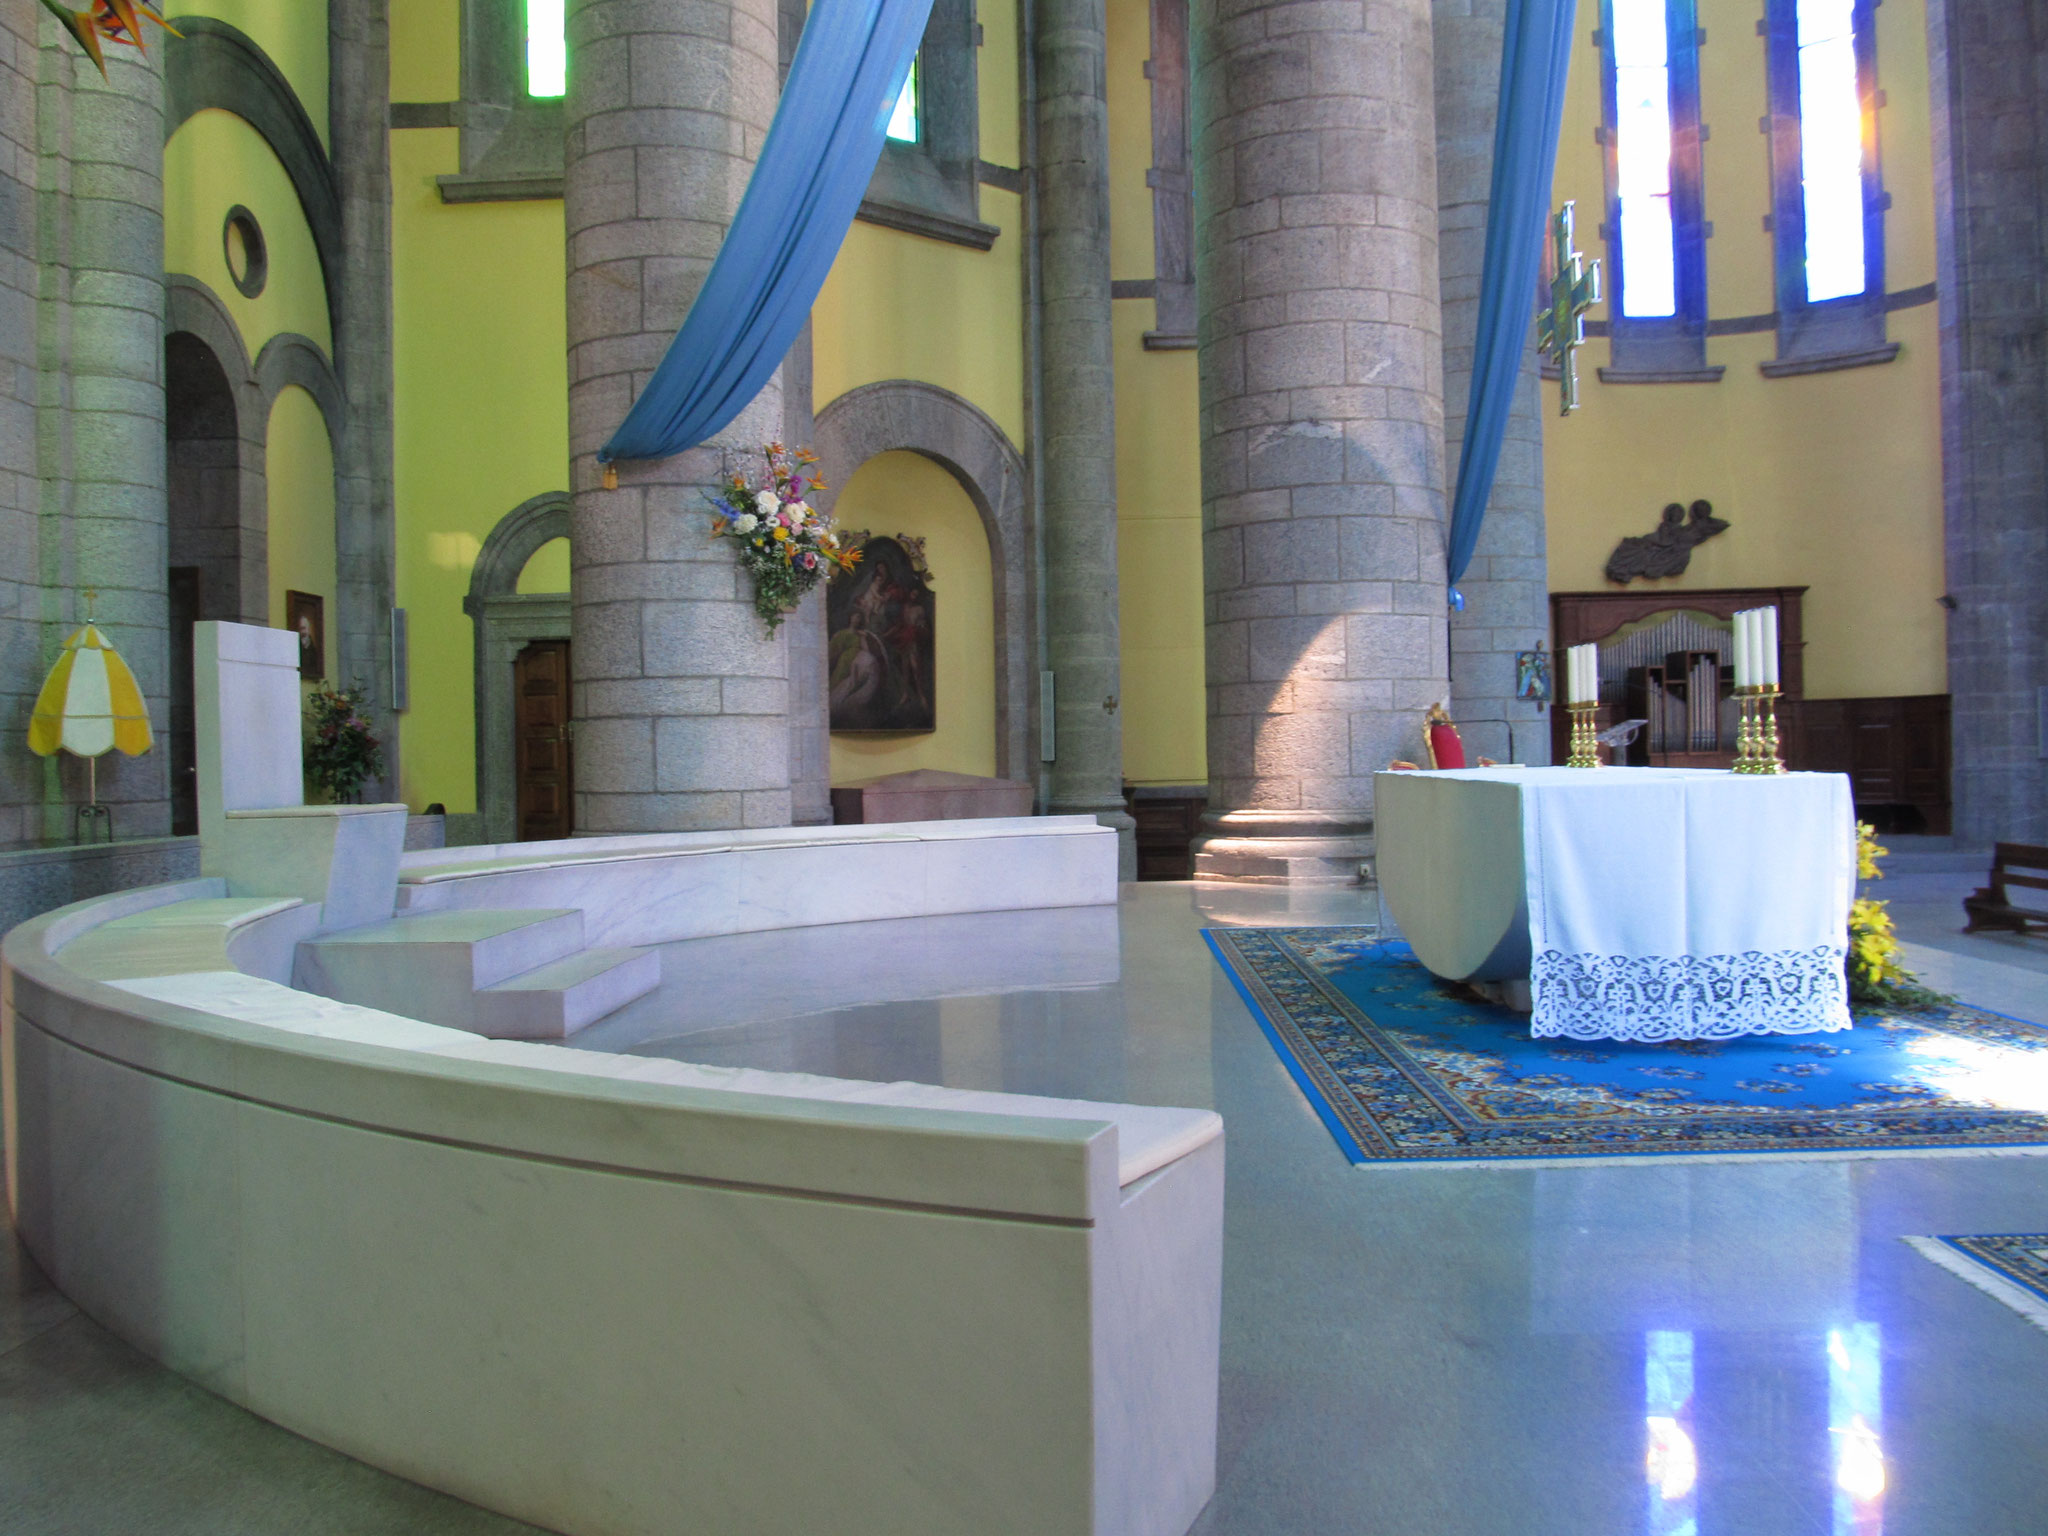 Lichtspiele im Innenraum der Basilika durch moderne Glasmalerei